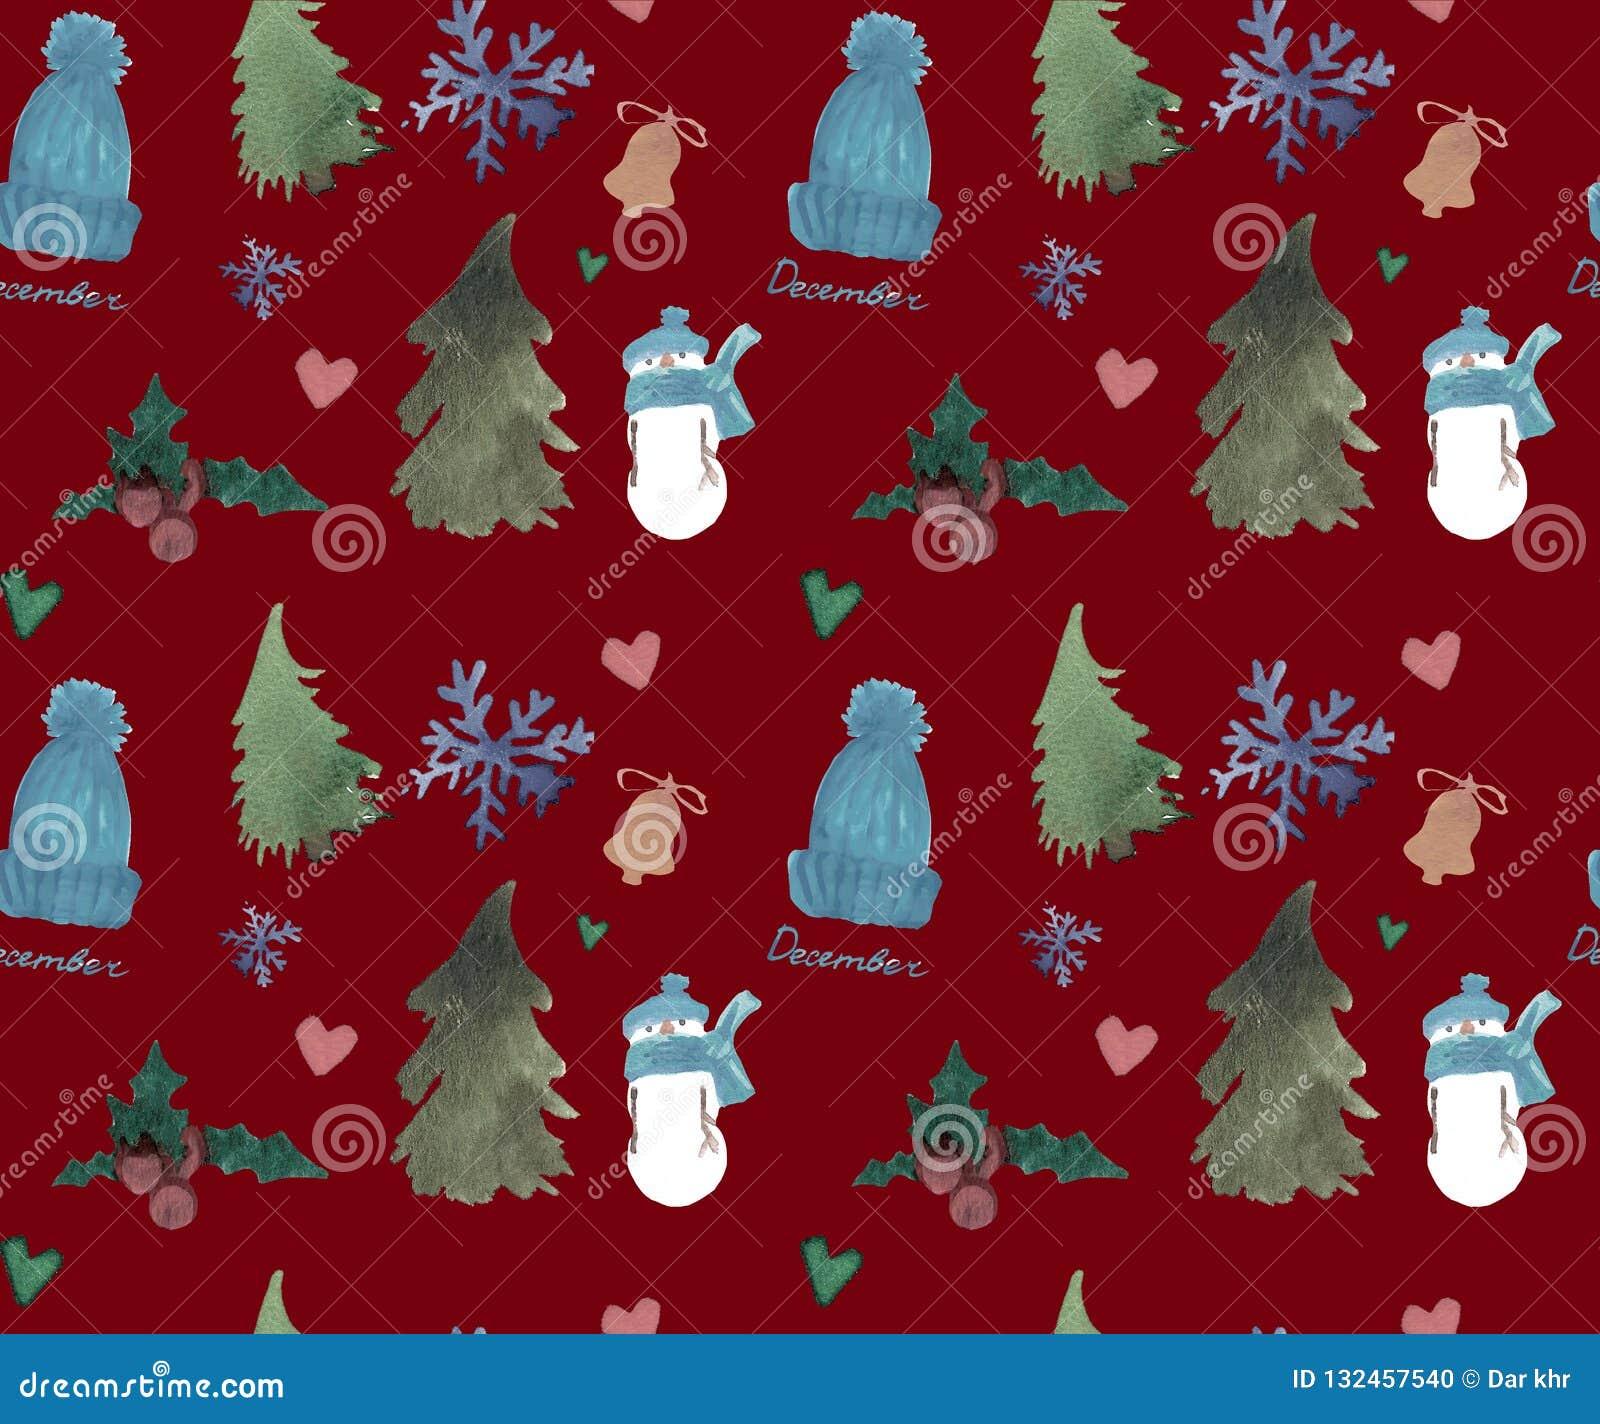 Άνευ ραφής σχέδιο καλής χρονιάς, χειμερινό θέμα Χριστουγέννων, όμορφο υπόβαθρο Watercolor